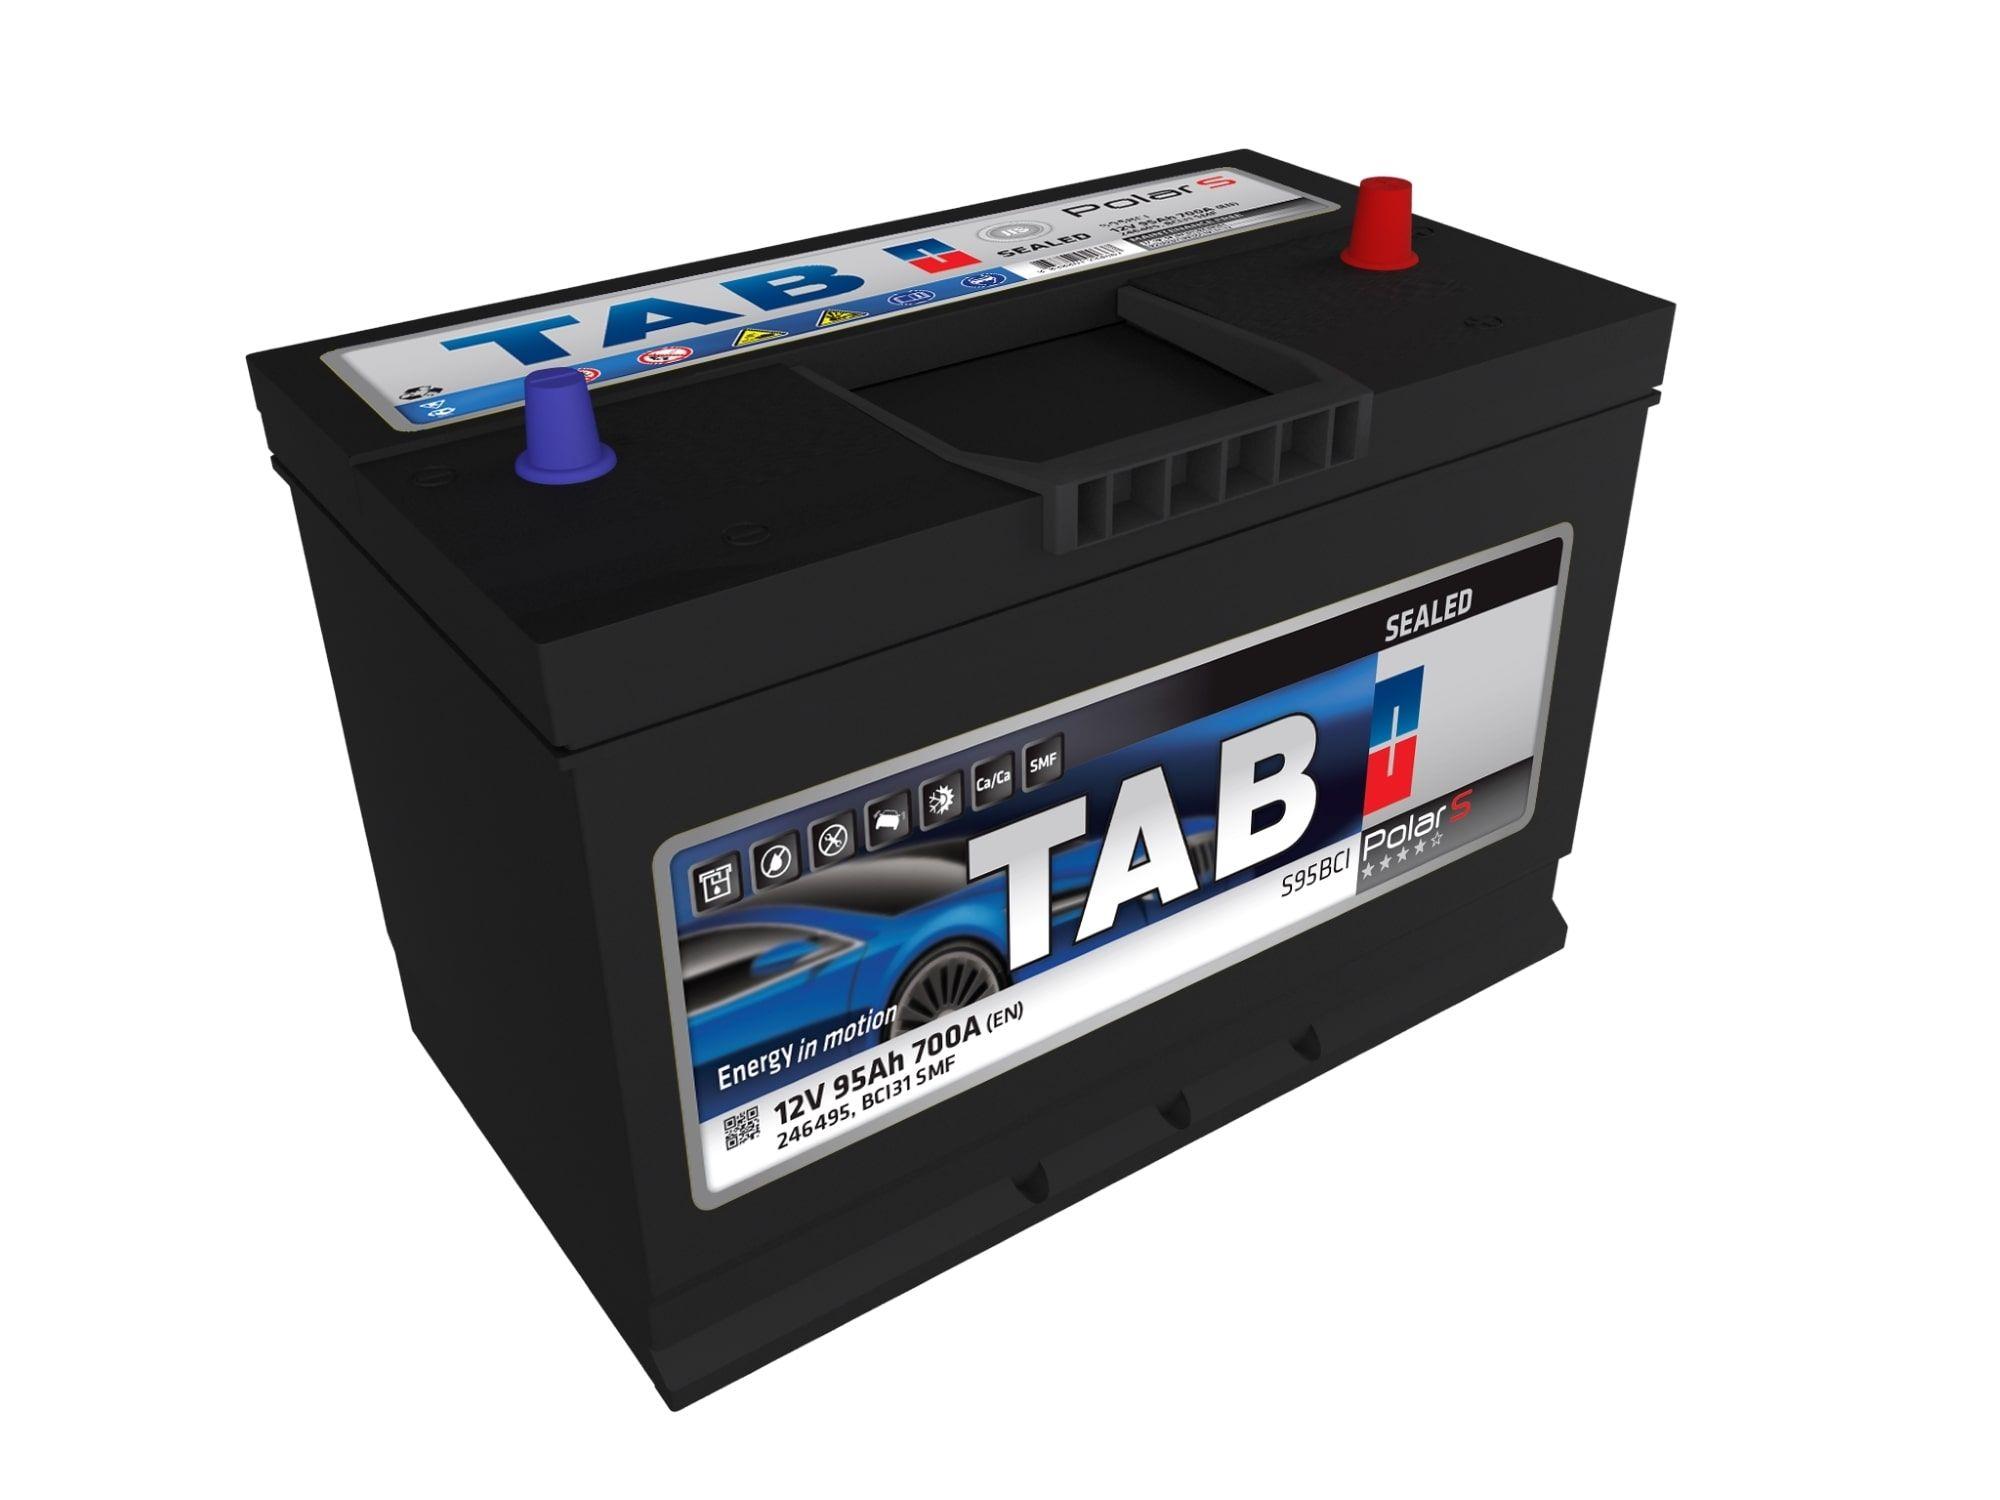 Baterías de Borne Centrado